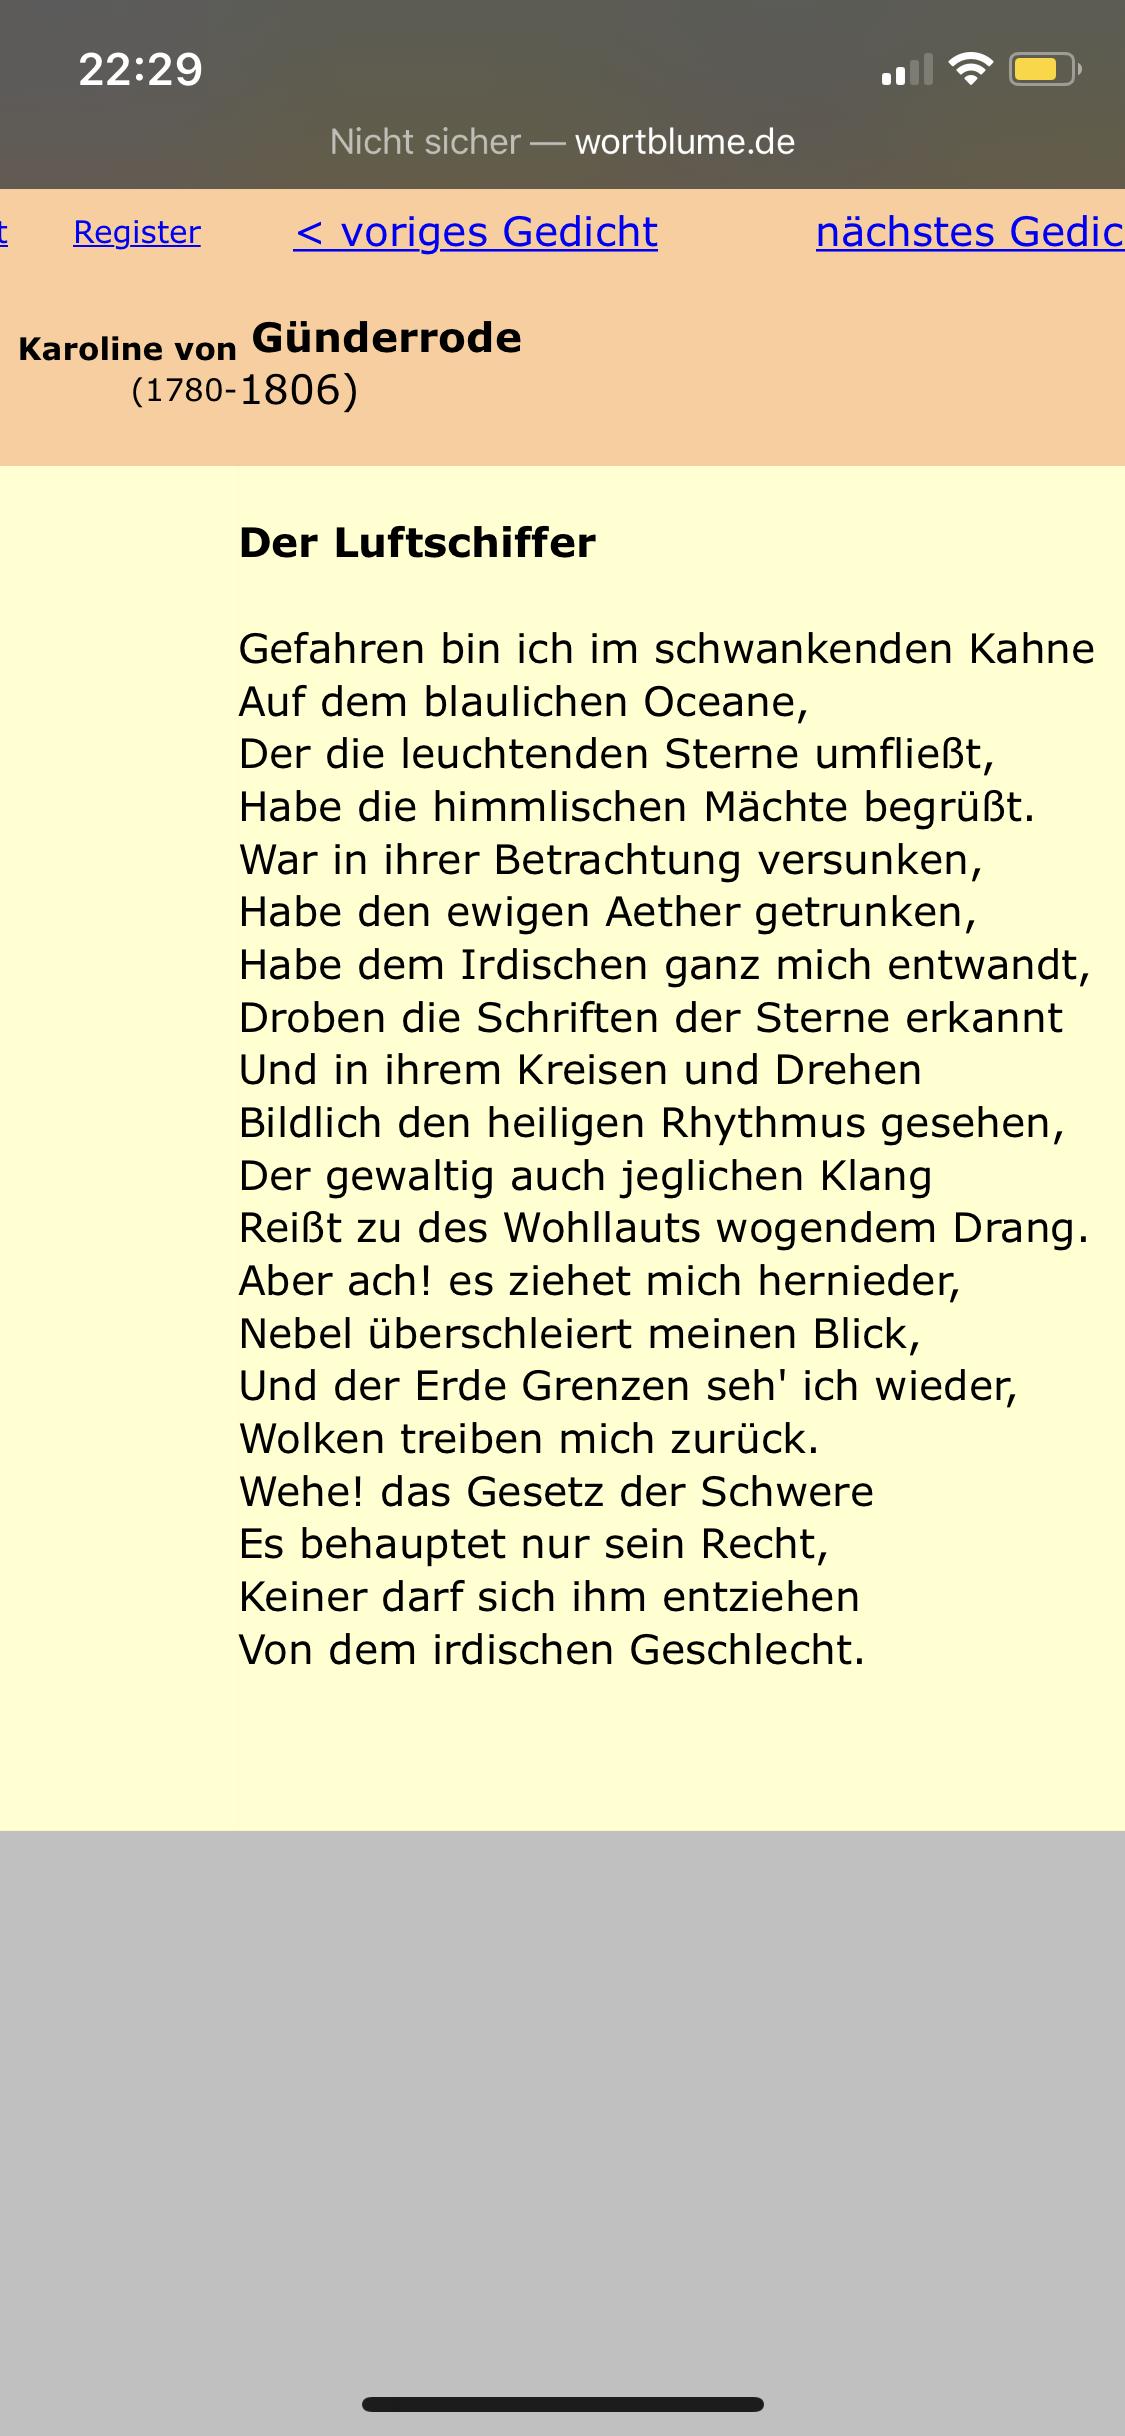 Kurze Interpretation Und Inhaltsangabe Zum Gedicht Deutsch